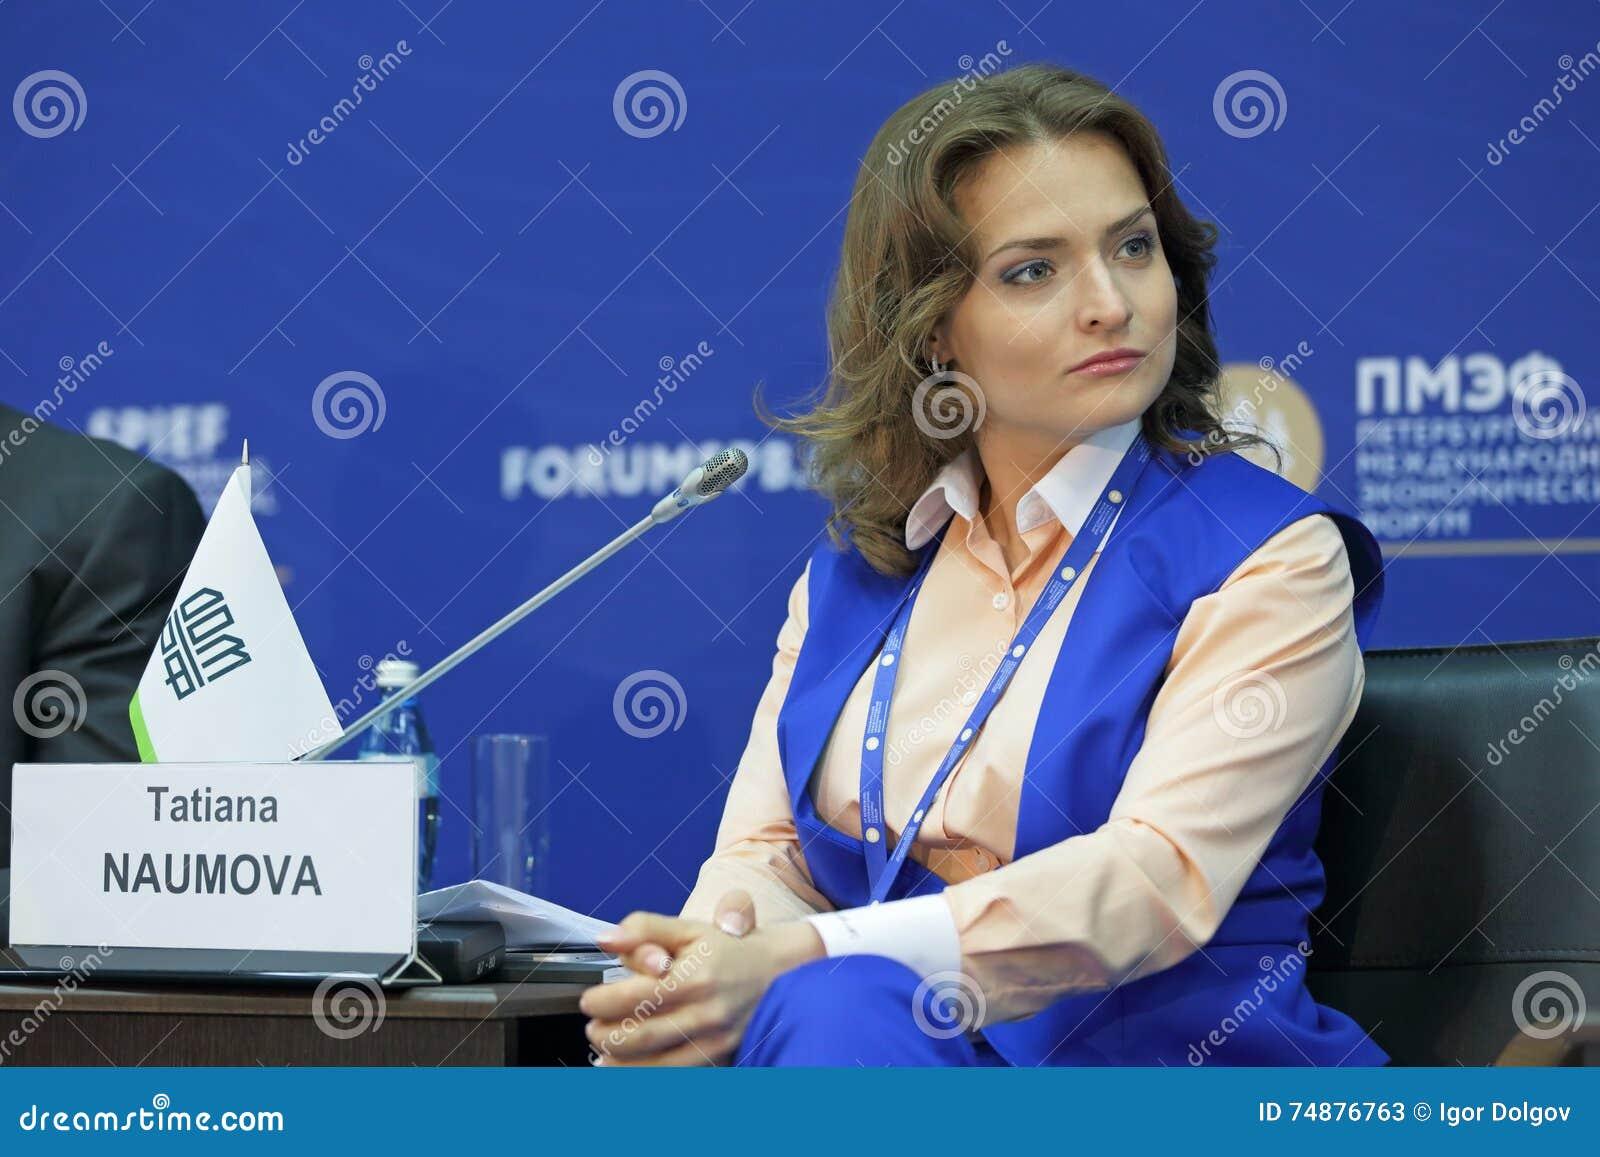 Tatiana Naumova